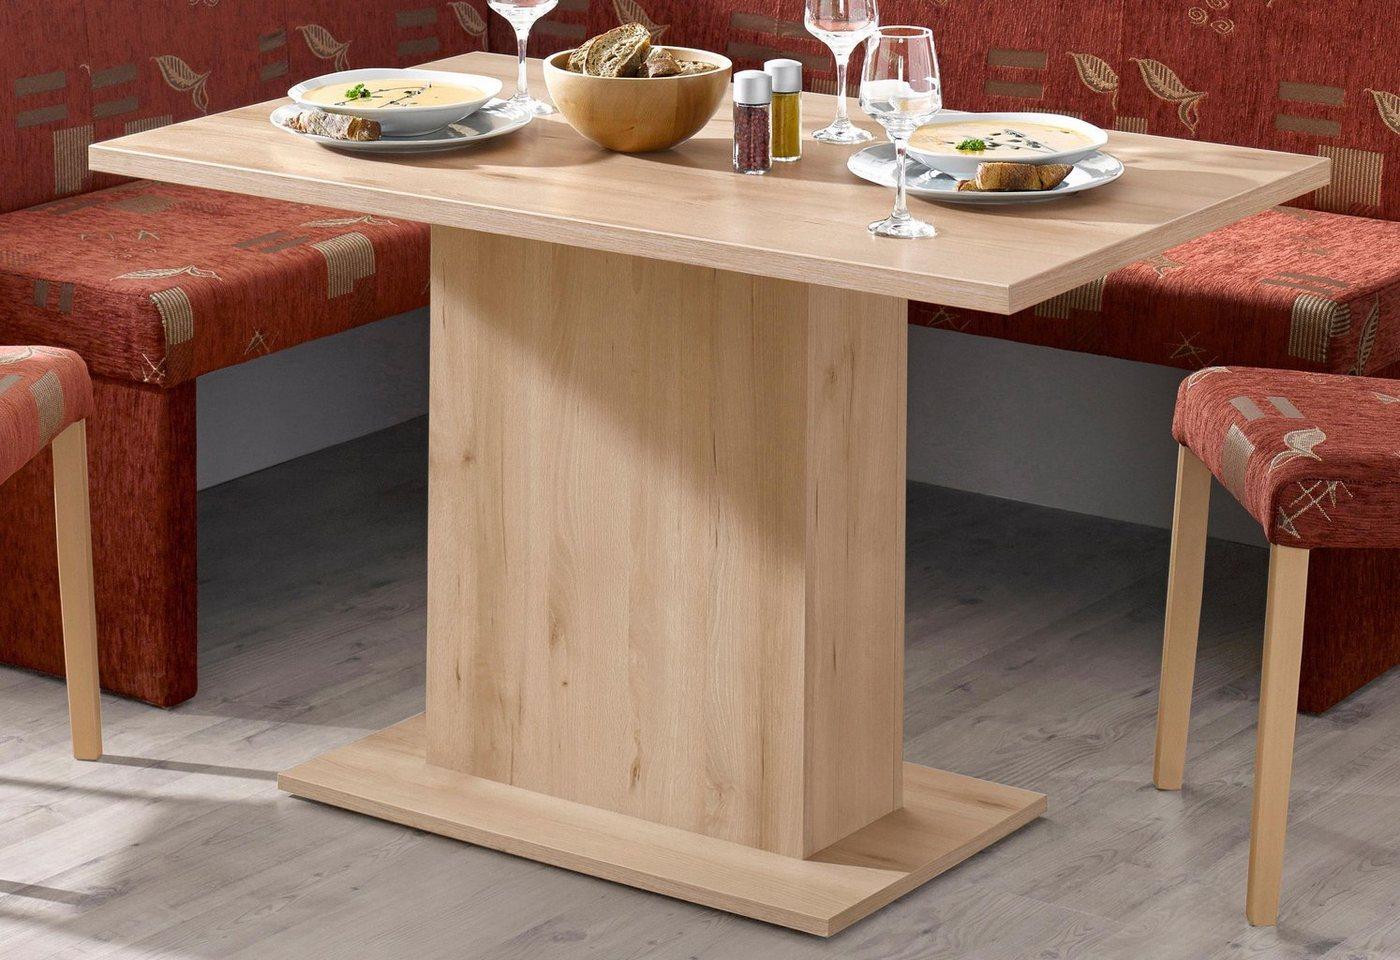 Eettafel met zuil, breedte 68 cm